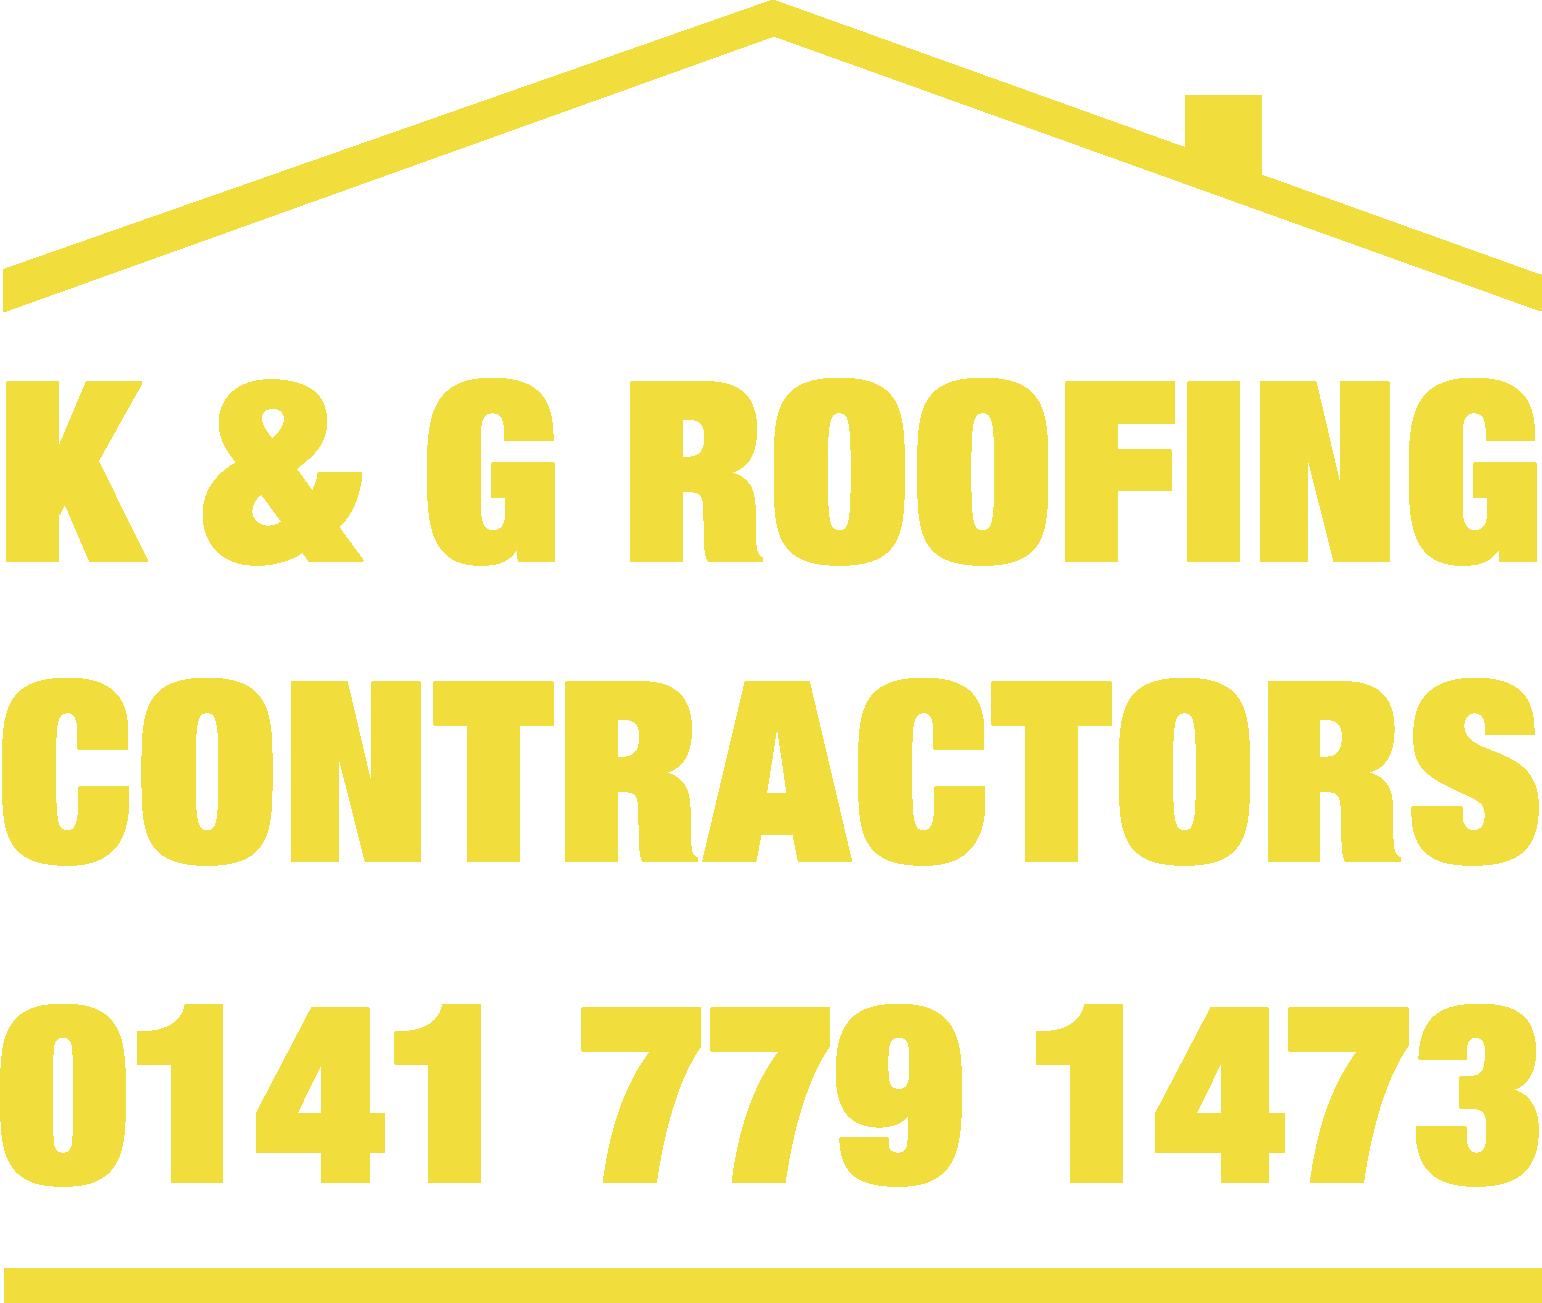 K&G Roofing Ltd